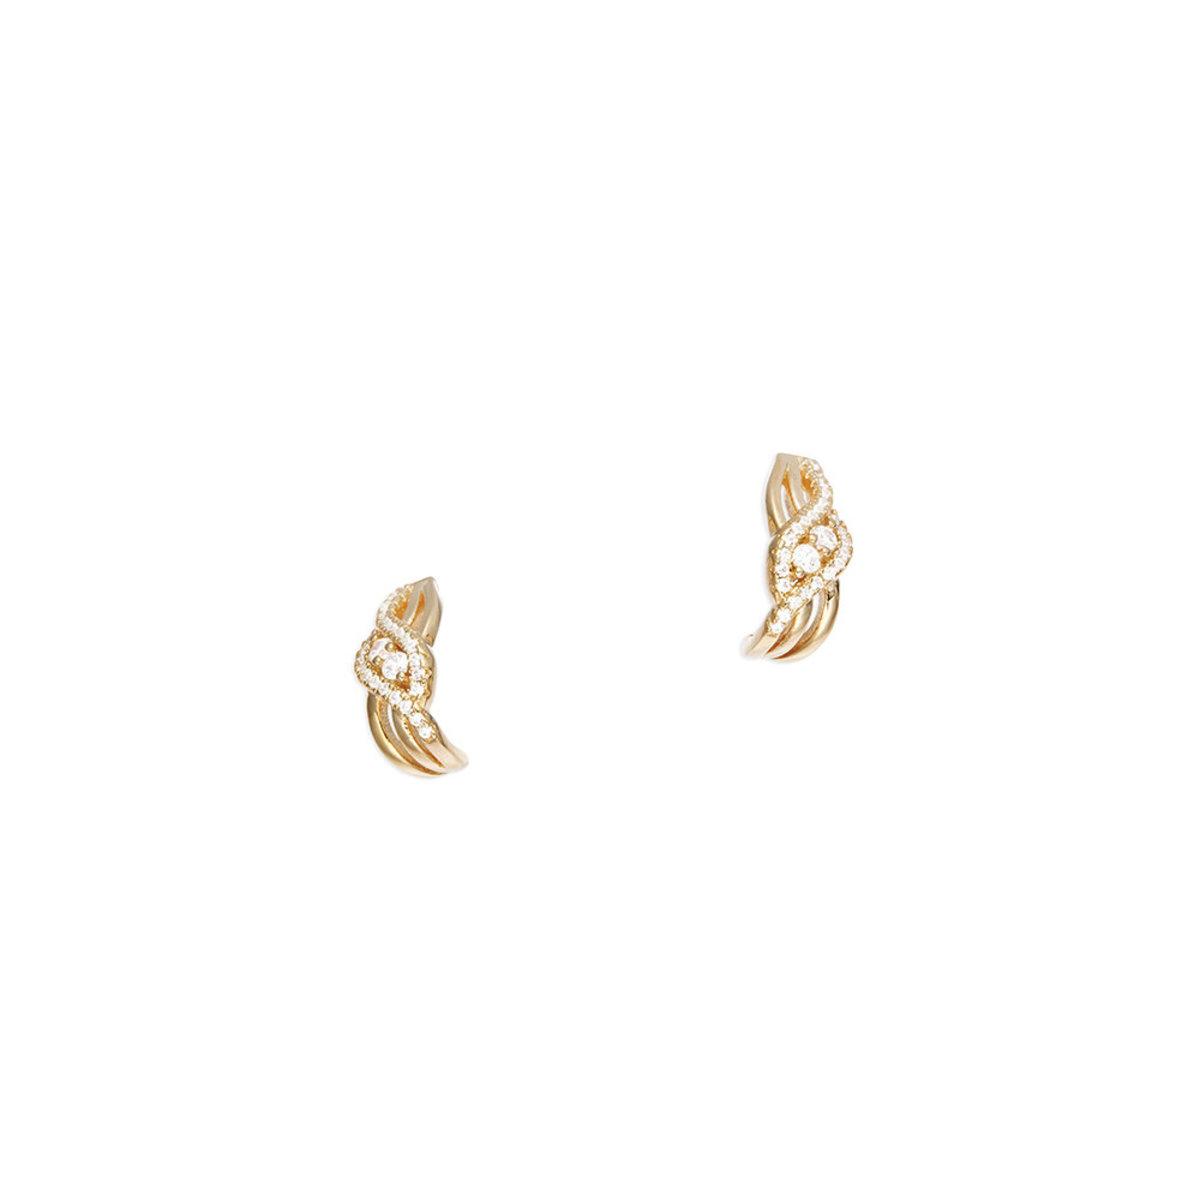 La Belle: 925 silver, rose gold plating, CZ stone pierced earrings